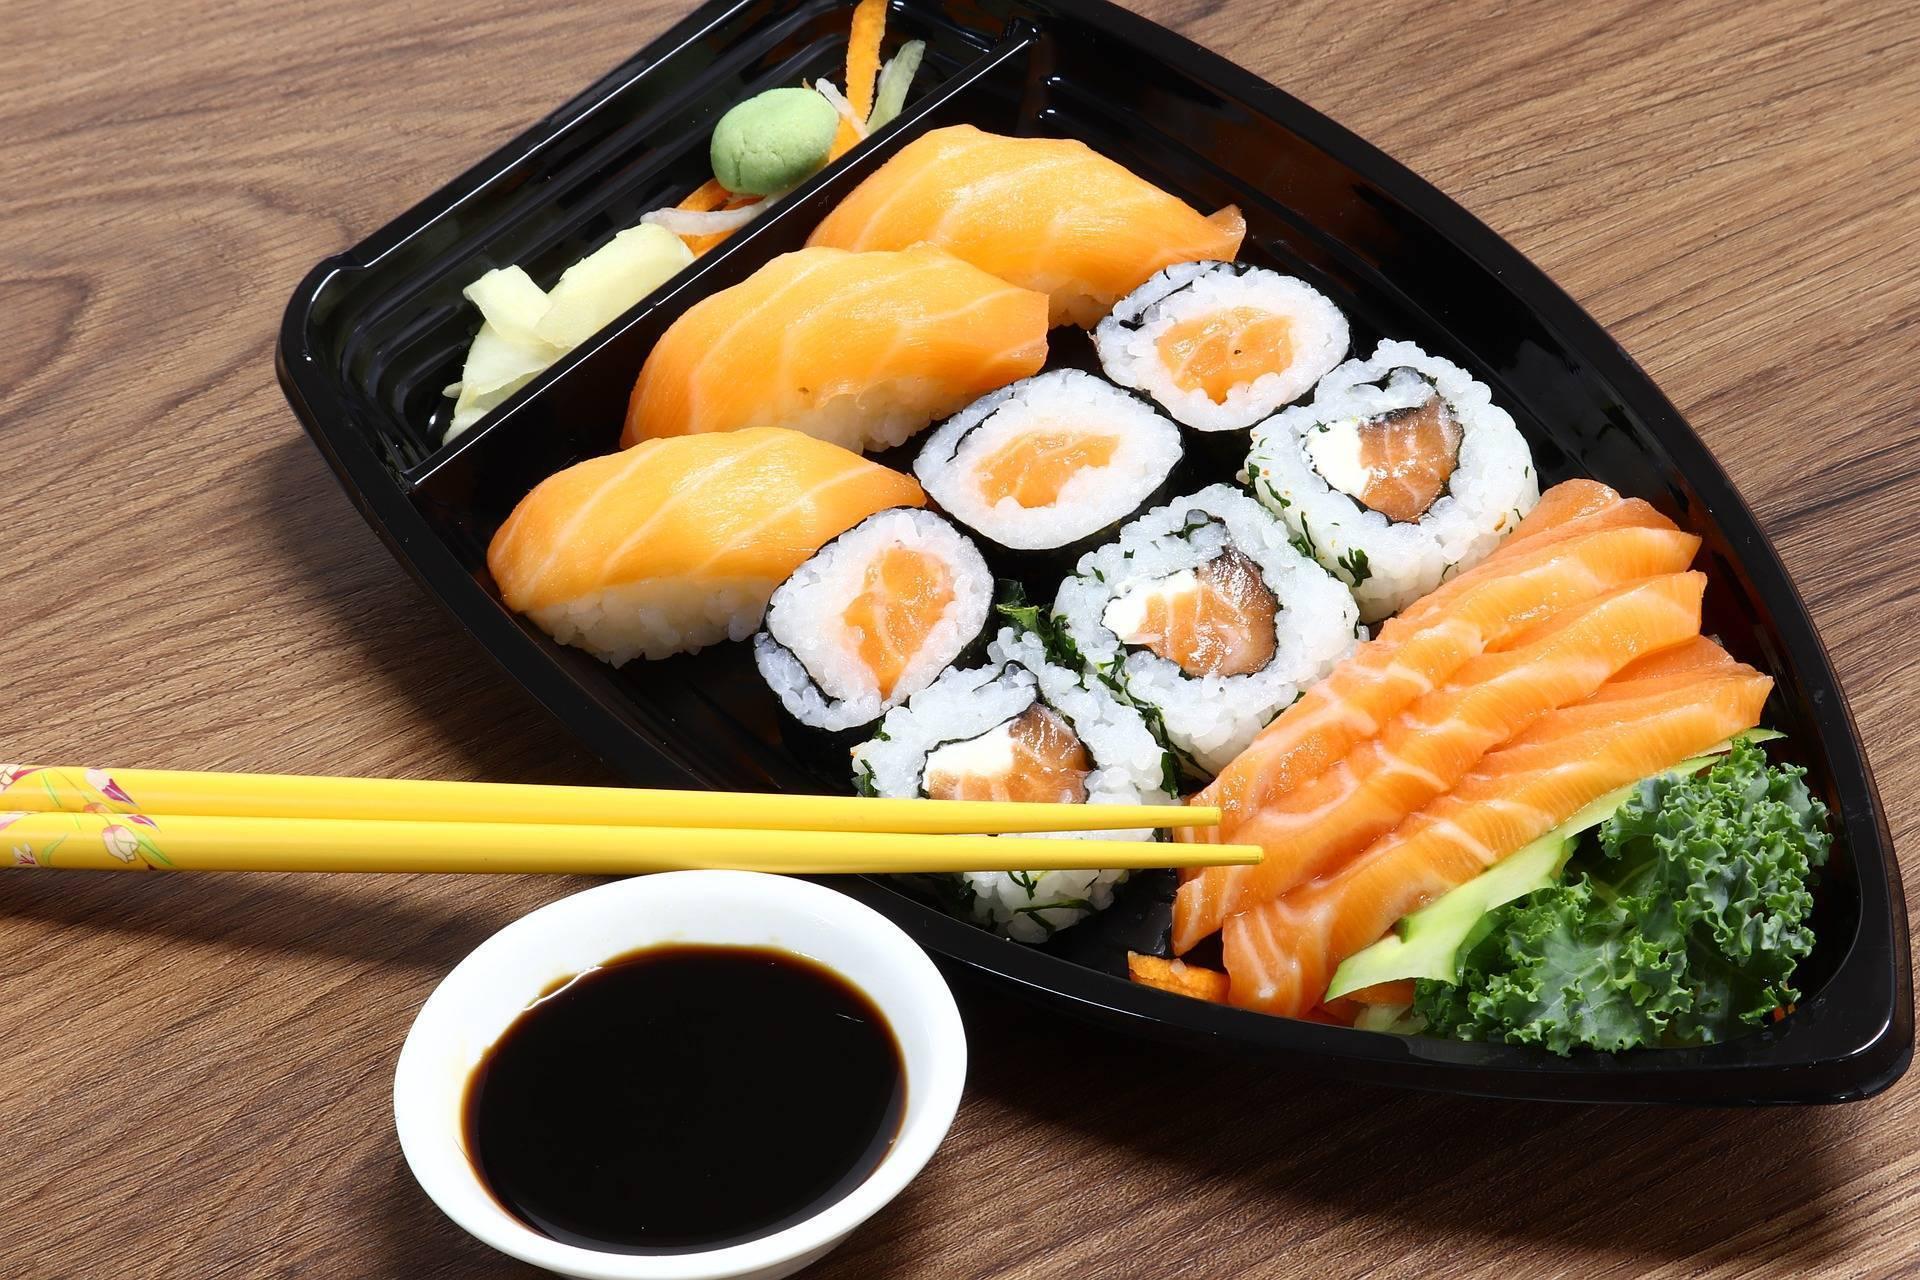 Можно ли роллы и суши при грудном вскармливании, а также соевый соус, имбирь и васаби, когда и в каком количестве